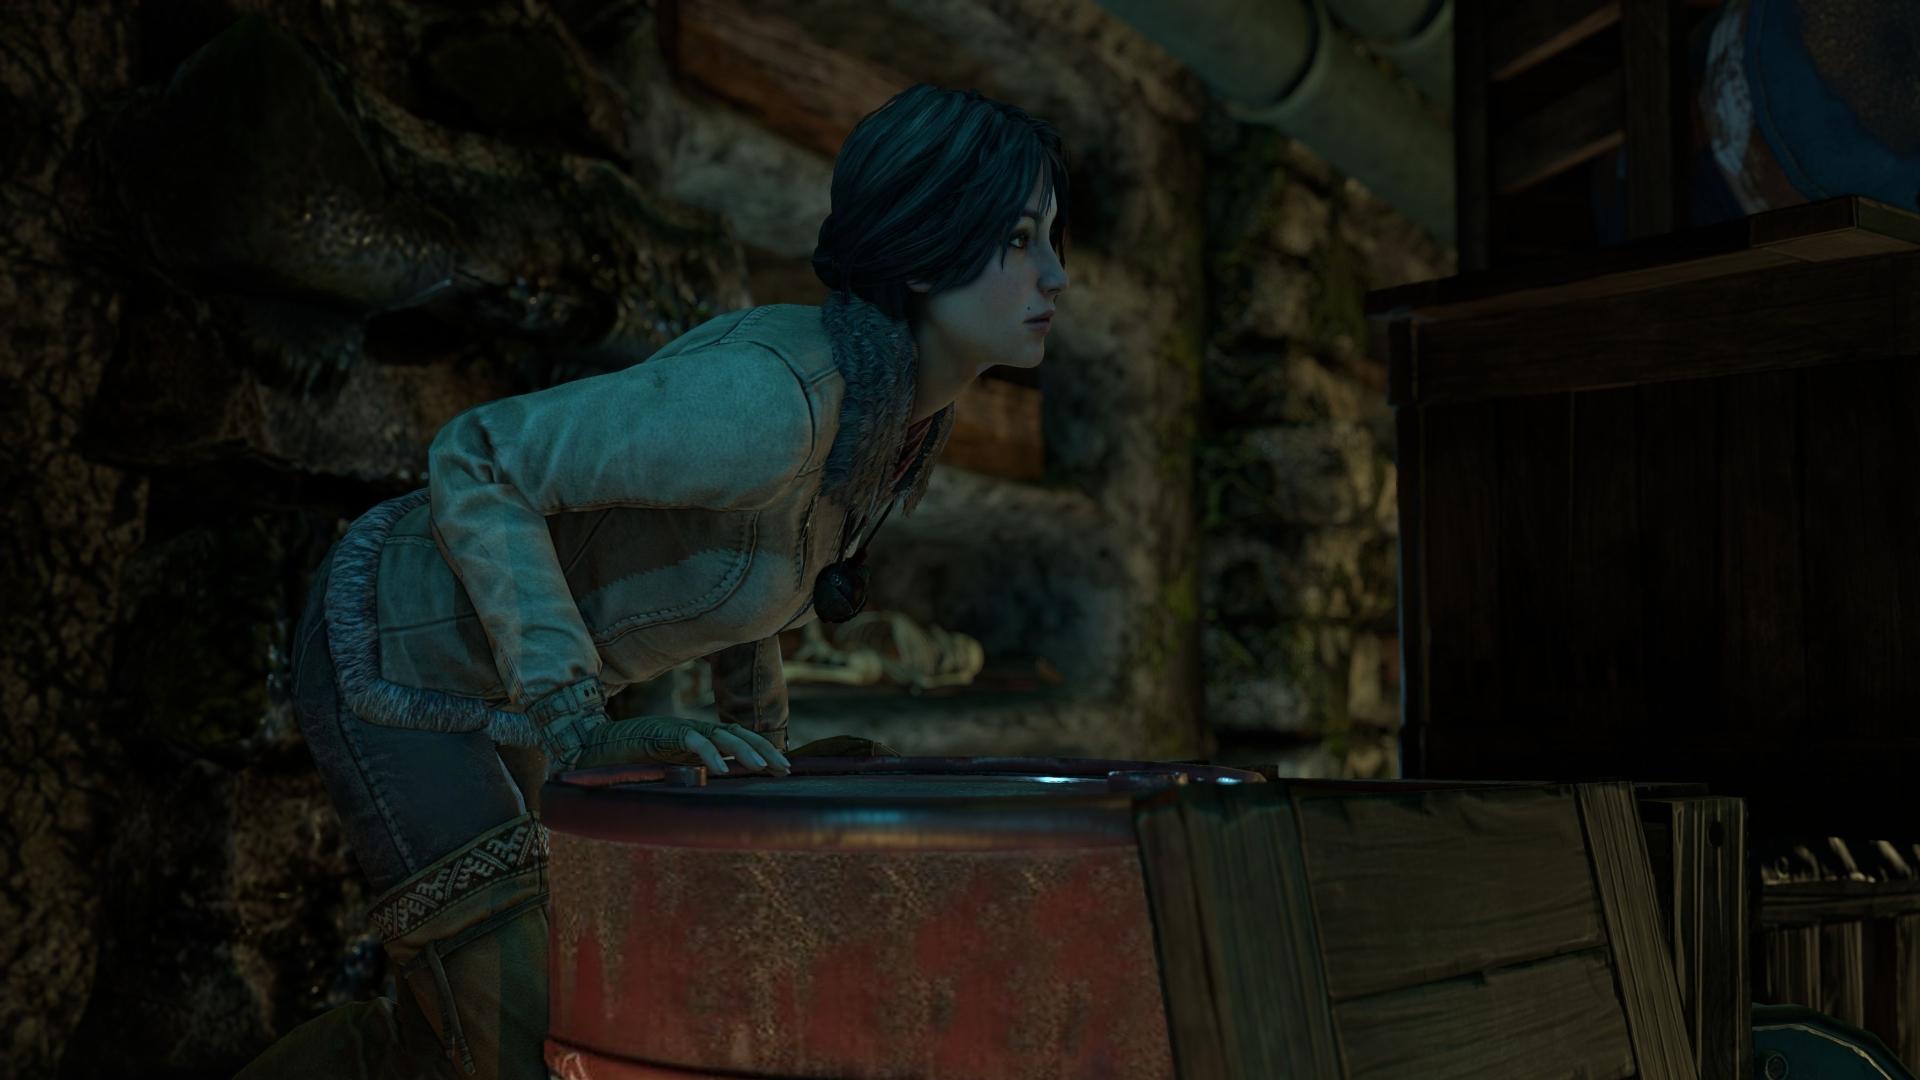 Сибирь 3 / Syberia 3: Deluxe Edition [v 3.0 + DLC] (2017) PC   Repack от =nemos=